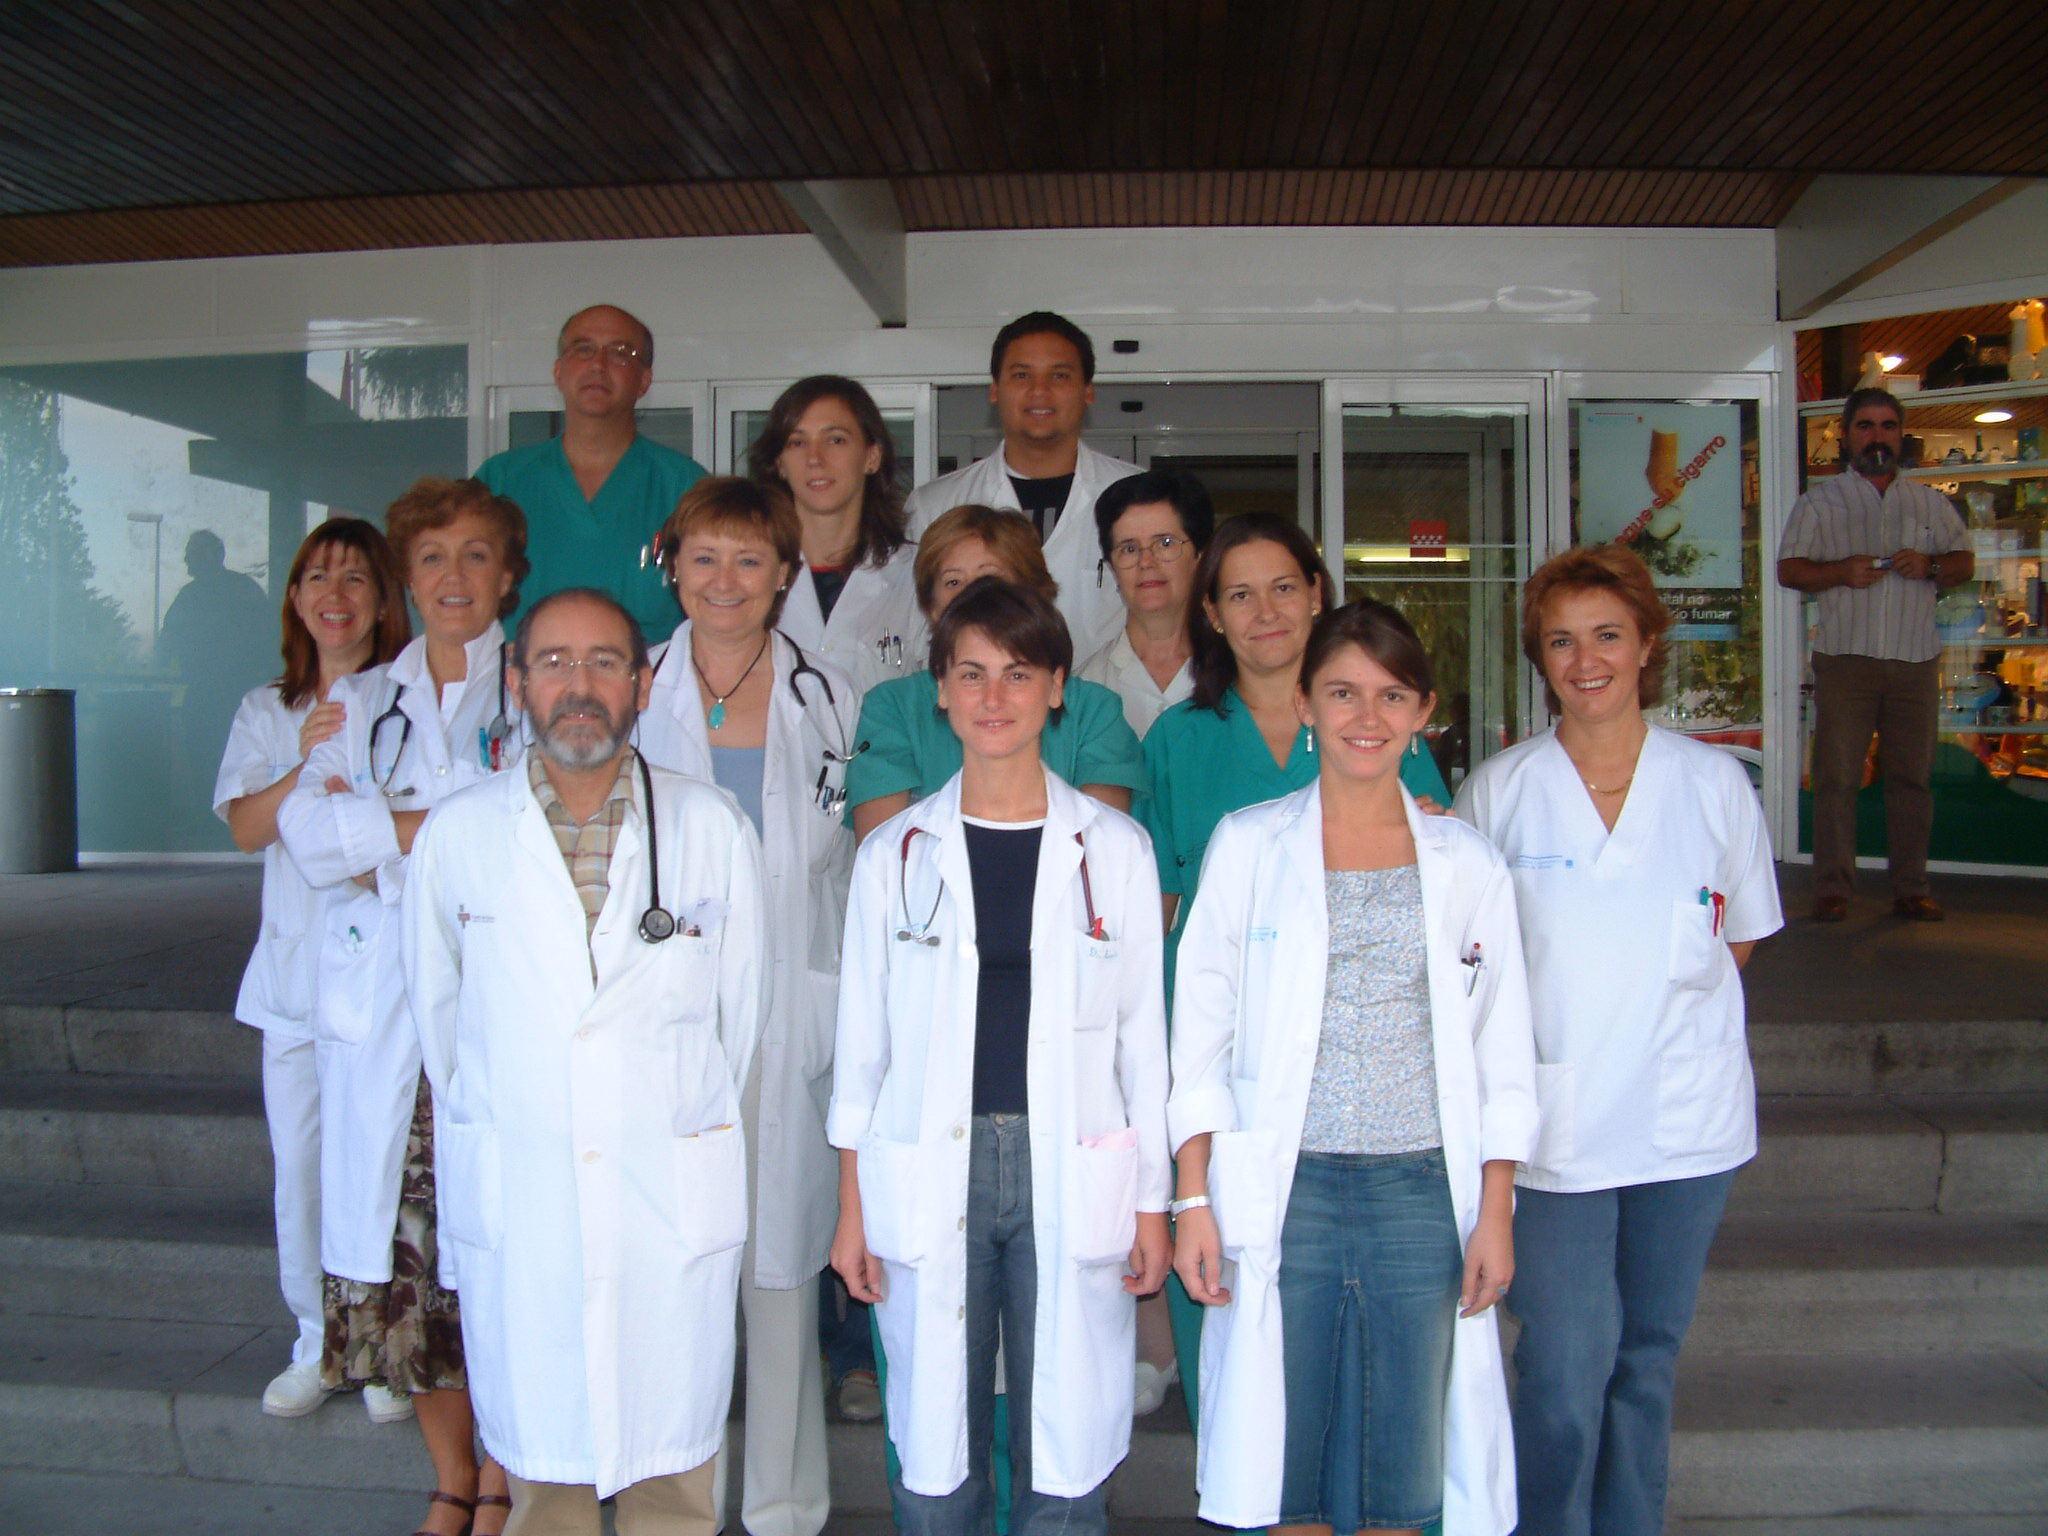 El hospital puerta de hierro mejora los resultados de - Hospital puerta de hierro majadahonda ...